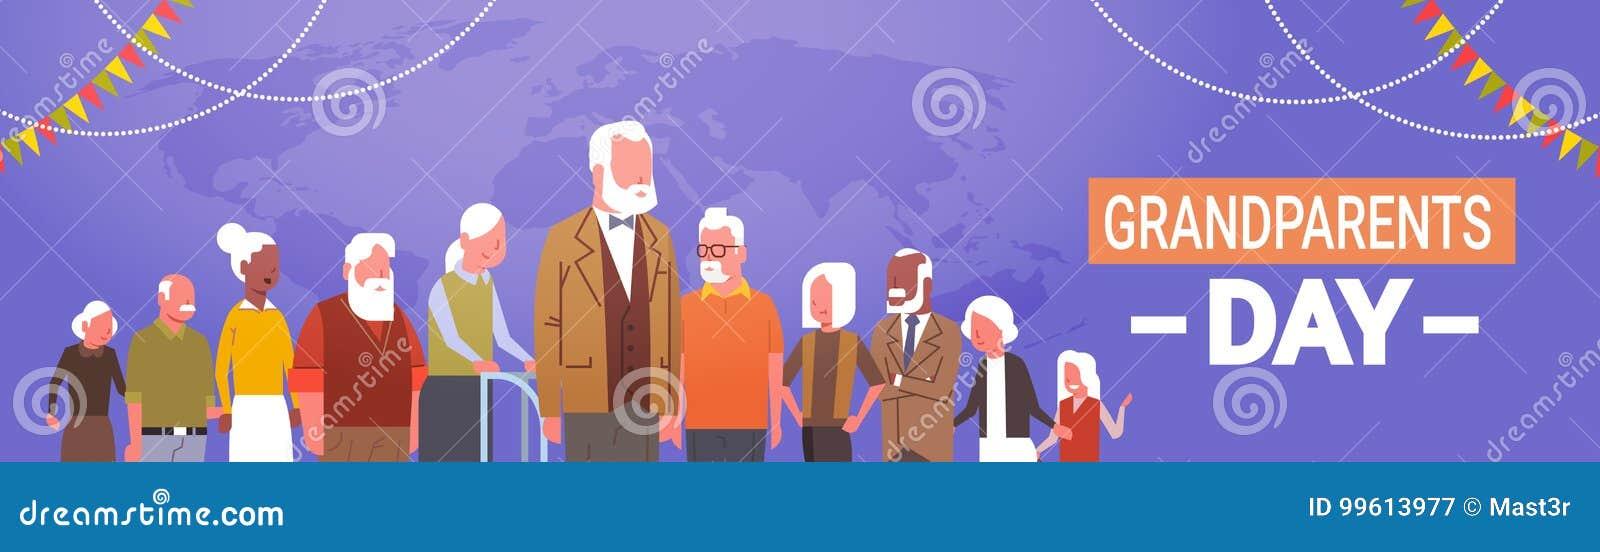 Grupo de raza feliz de la mezcla de la bandera de la tarjeta de felicitación del día de los abuelos